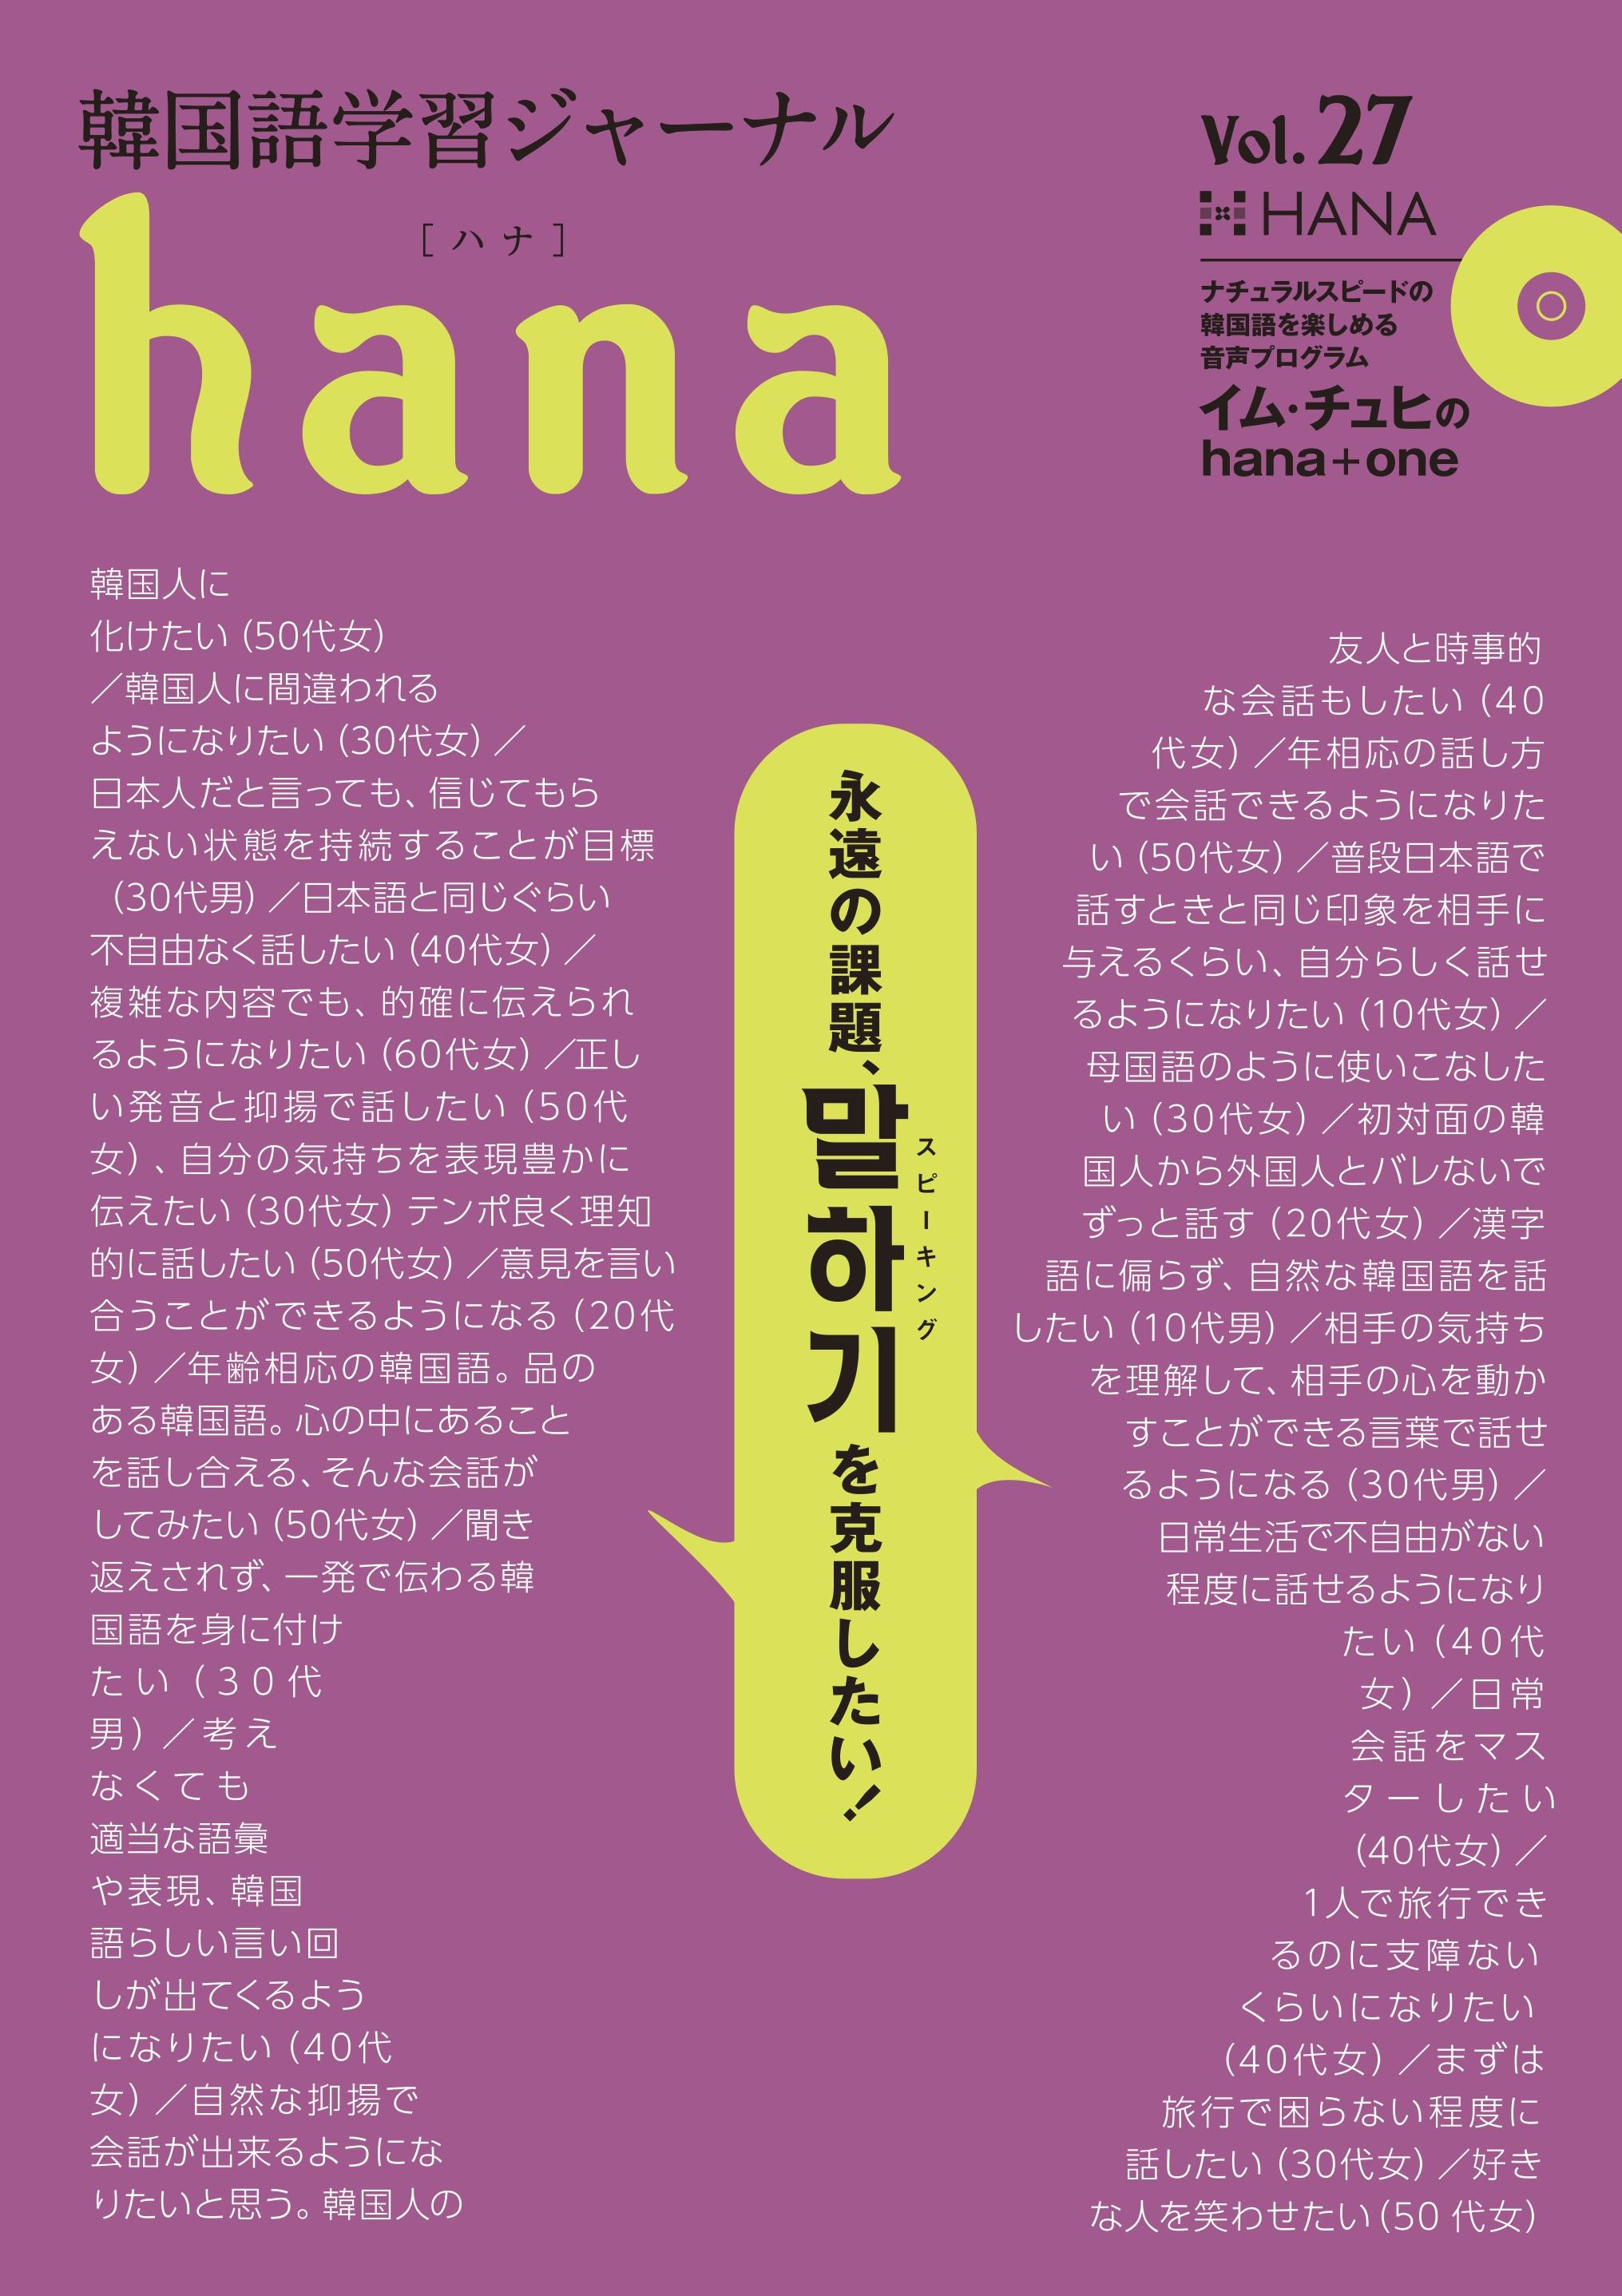 『韓国語学習ジャーナルhana Vol. 27』のイメージ